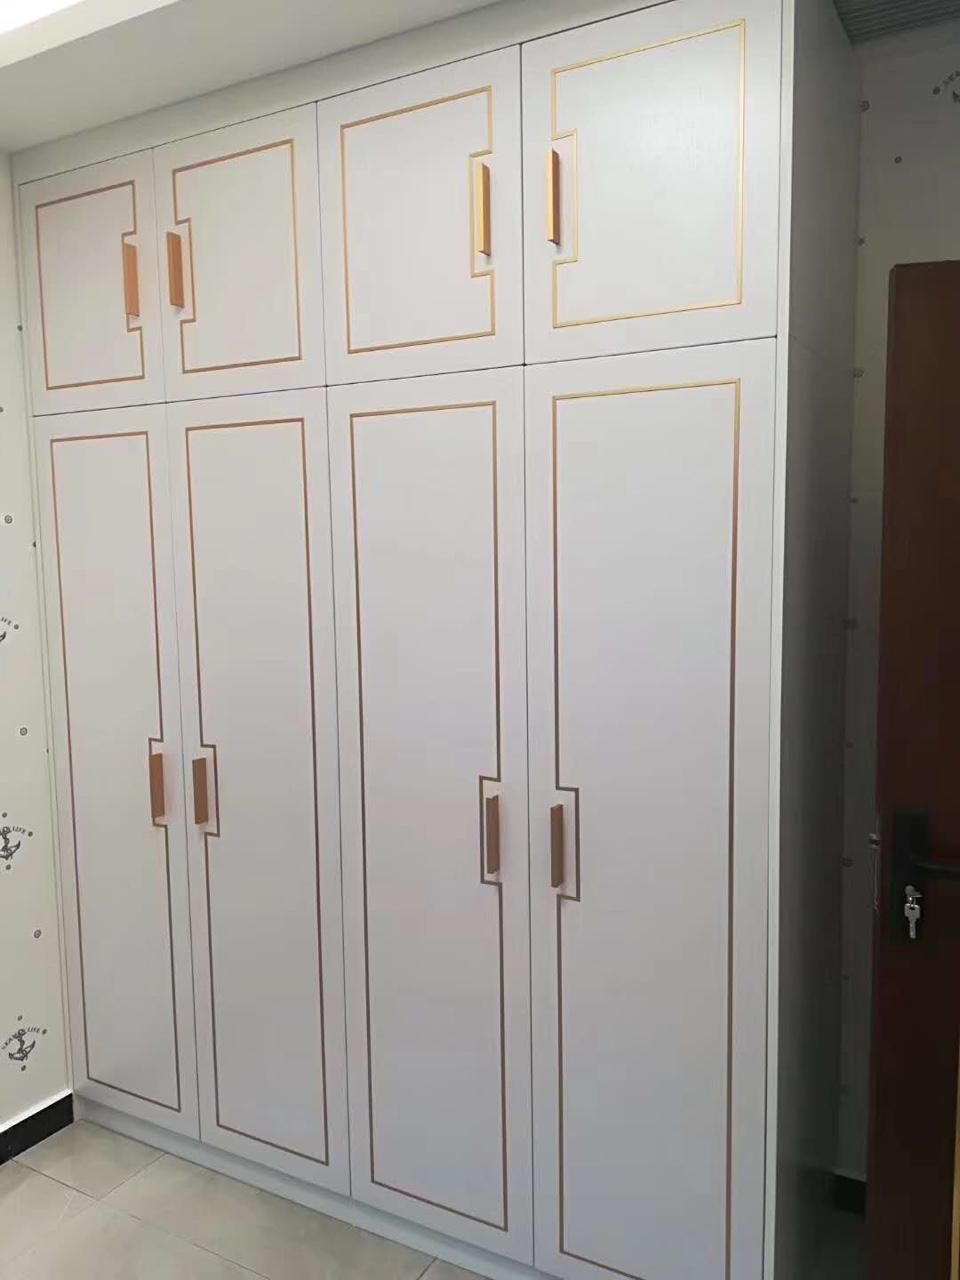 专业室内门|门窗 装修超市|湖州论坛|南太湖论坛|